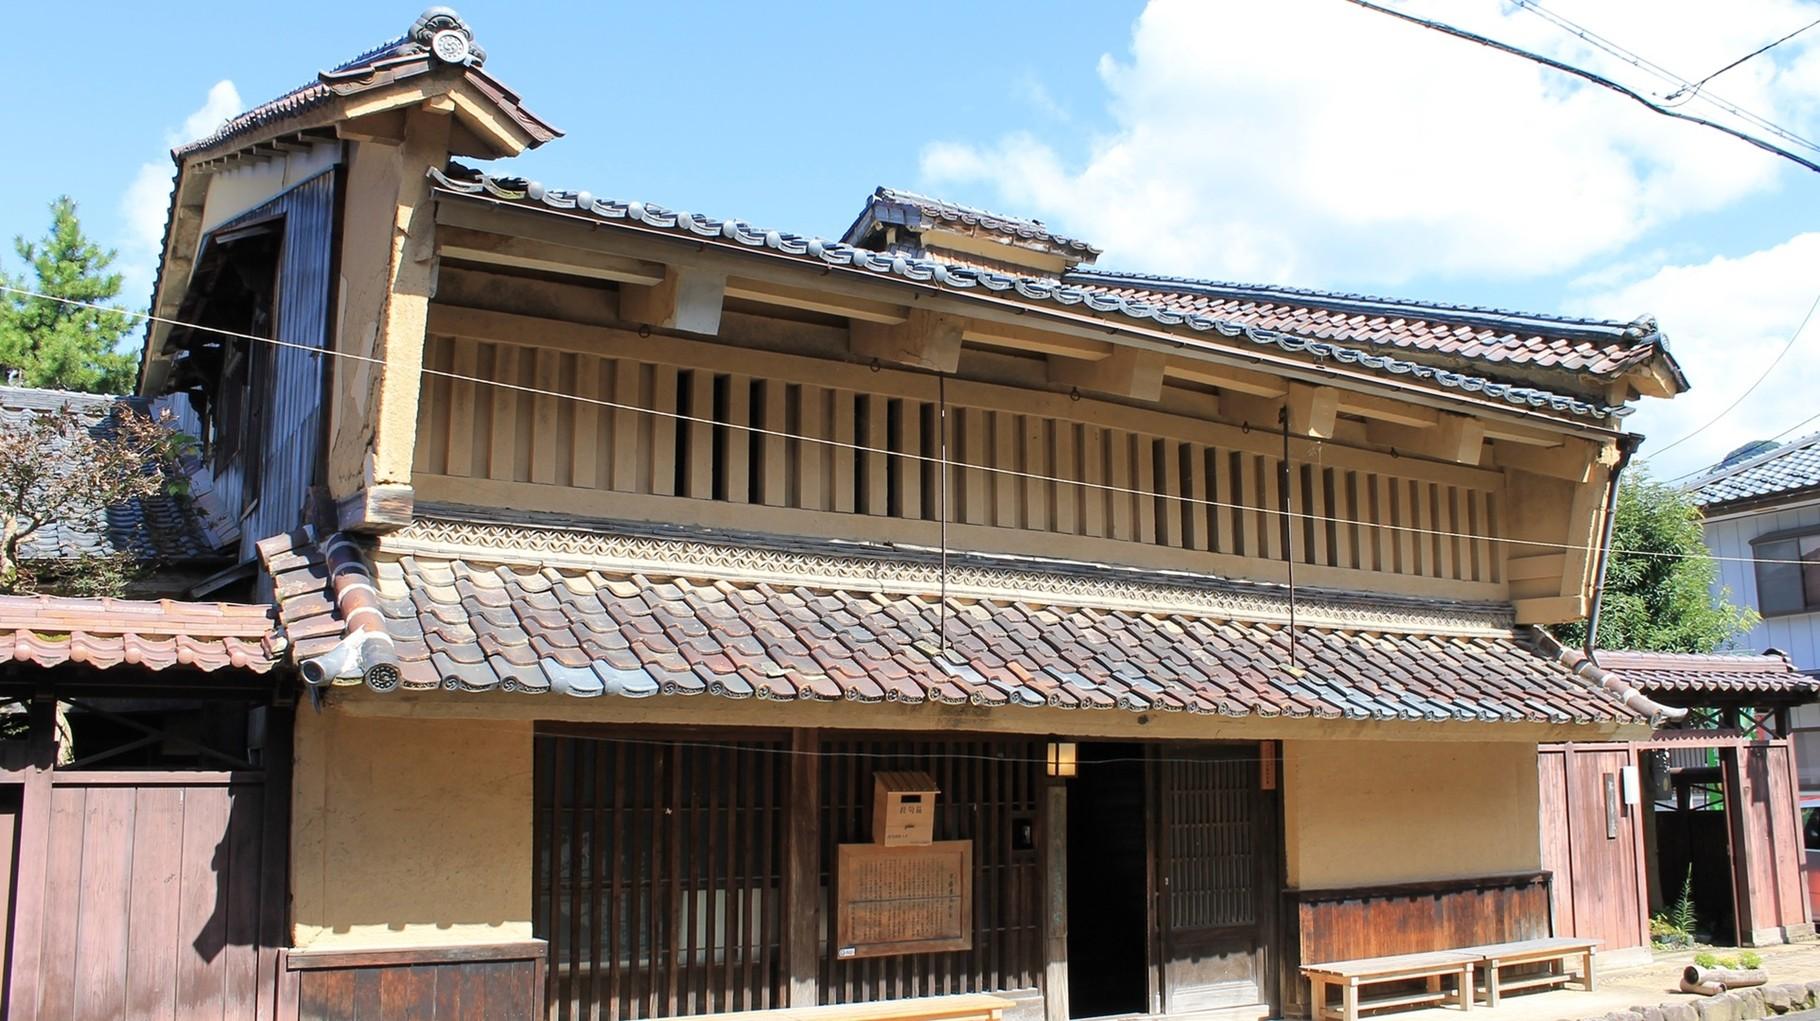 福井県有形文化財指定 屋根両端にあるのが「うだつ」